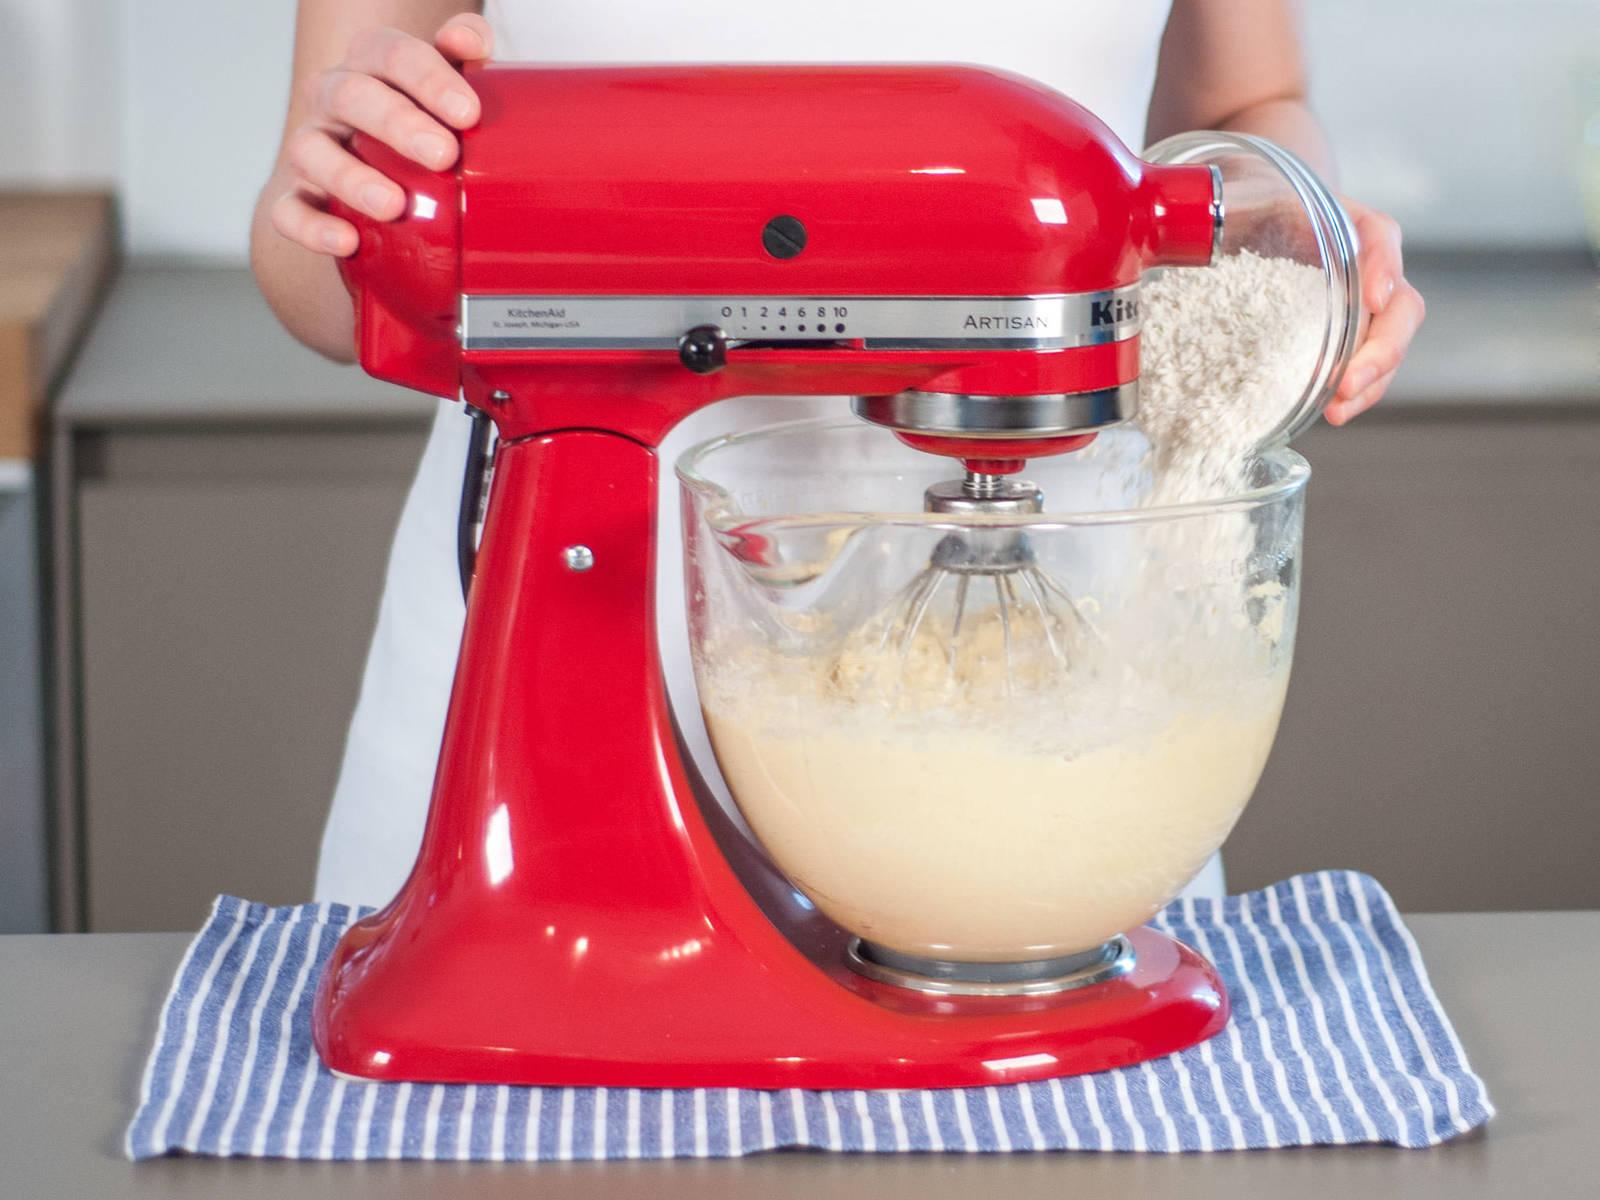 逐步加入面粉混合物并搅拌均匀。